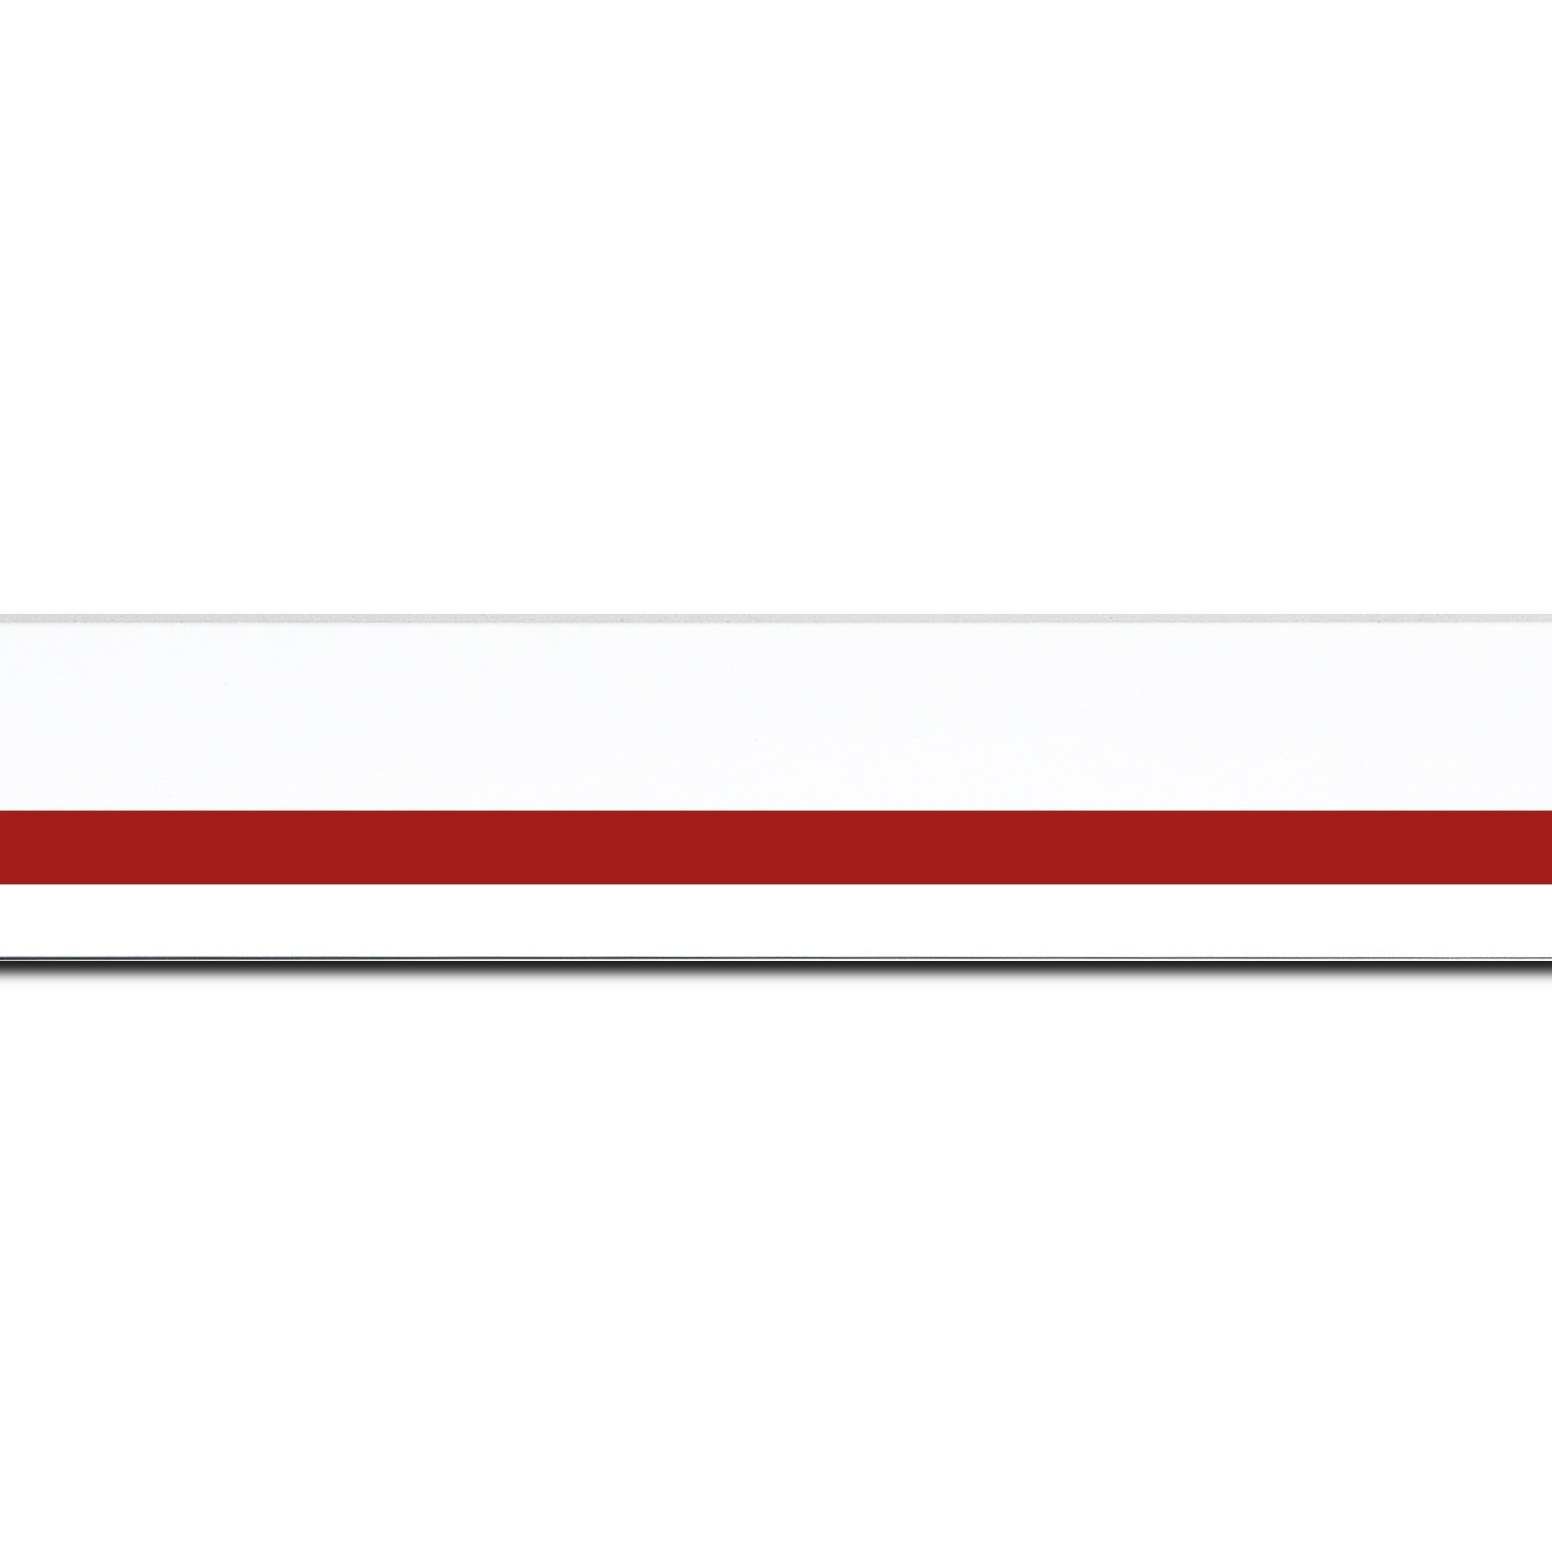 Pack par 12m, bois profil pente largeur 4.5cm de couleur blanc mat filet rouge (longueur baguette pouvant varier entre 2.40m et 3m selon arrivage des bois)